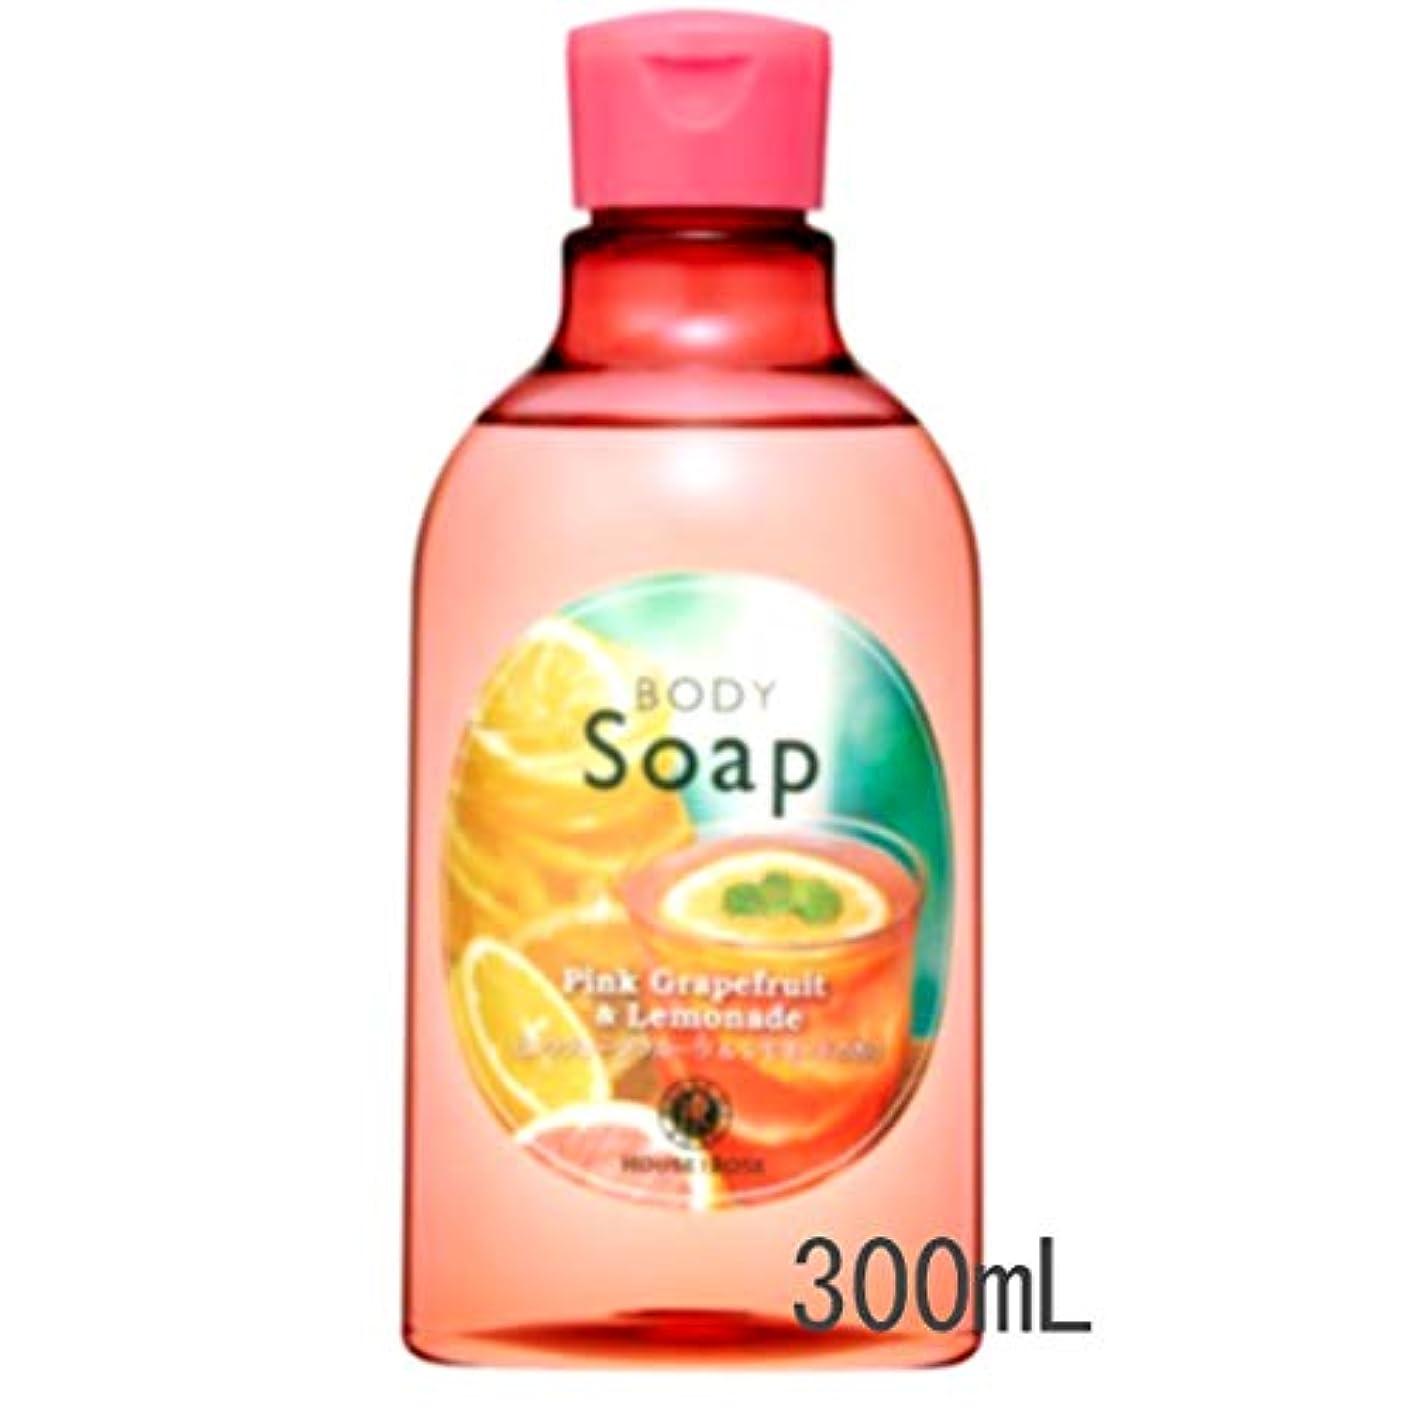 閃光防腐剤暗いHOUSE OF ROSE(ハウスオブローゼ) ボディソープ PL(ピンクグレープフルーツ&レモネードの香り)300mL